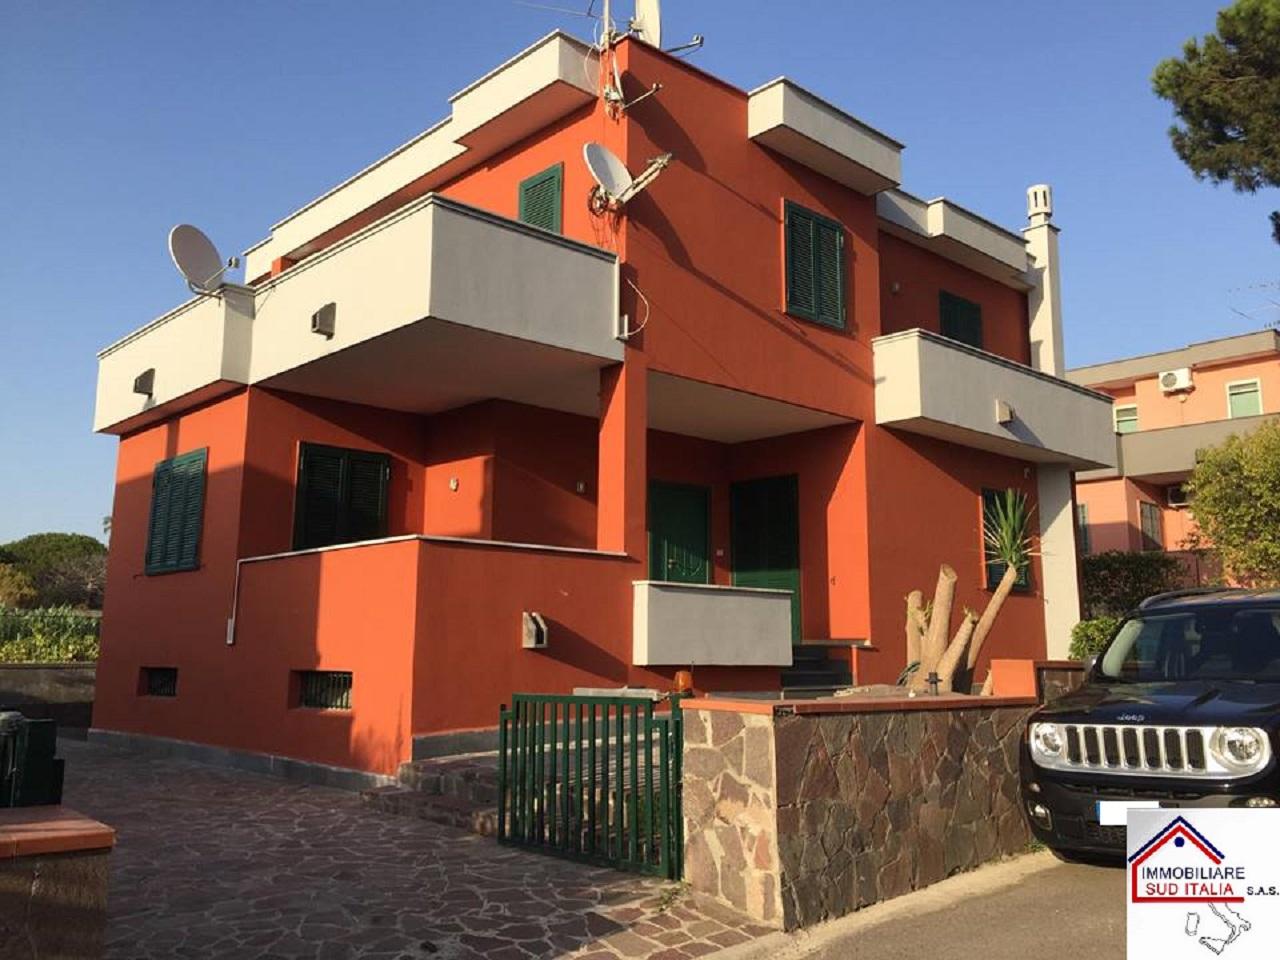 Villa in affitto a Giugliano in Campania, 5 locali, zona Località: LagoPatria, prezzo € 900 | CambioCasa.it